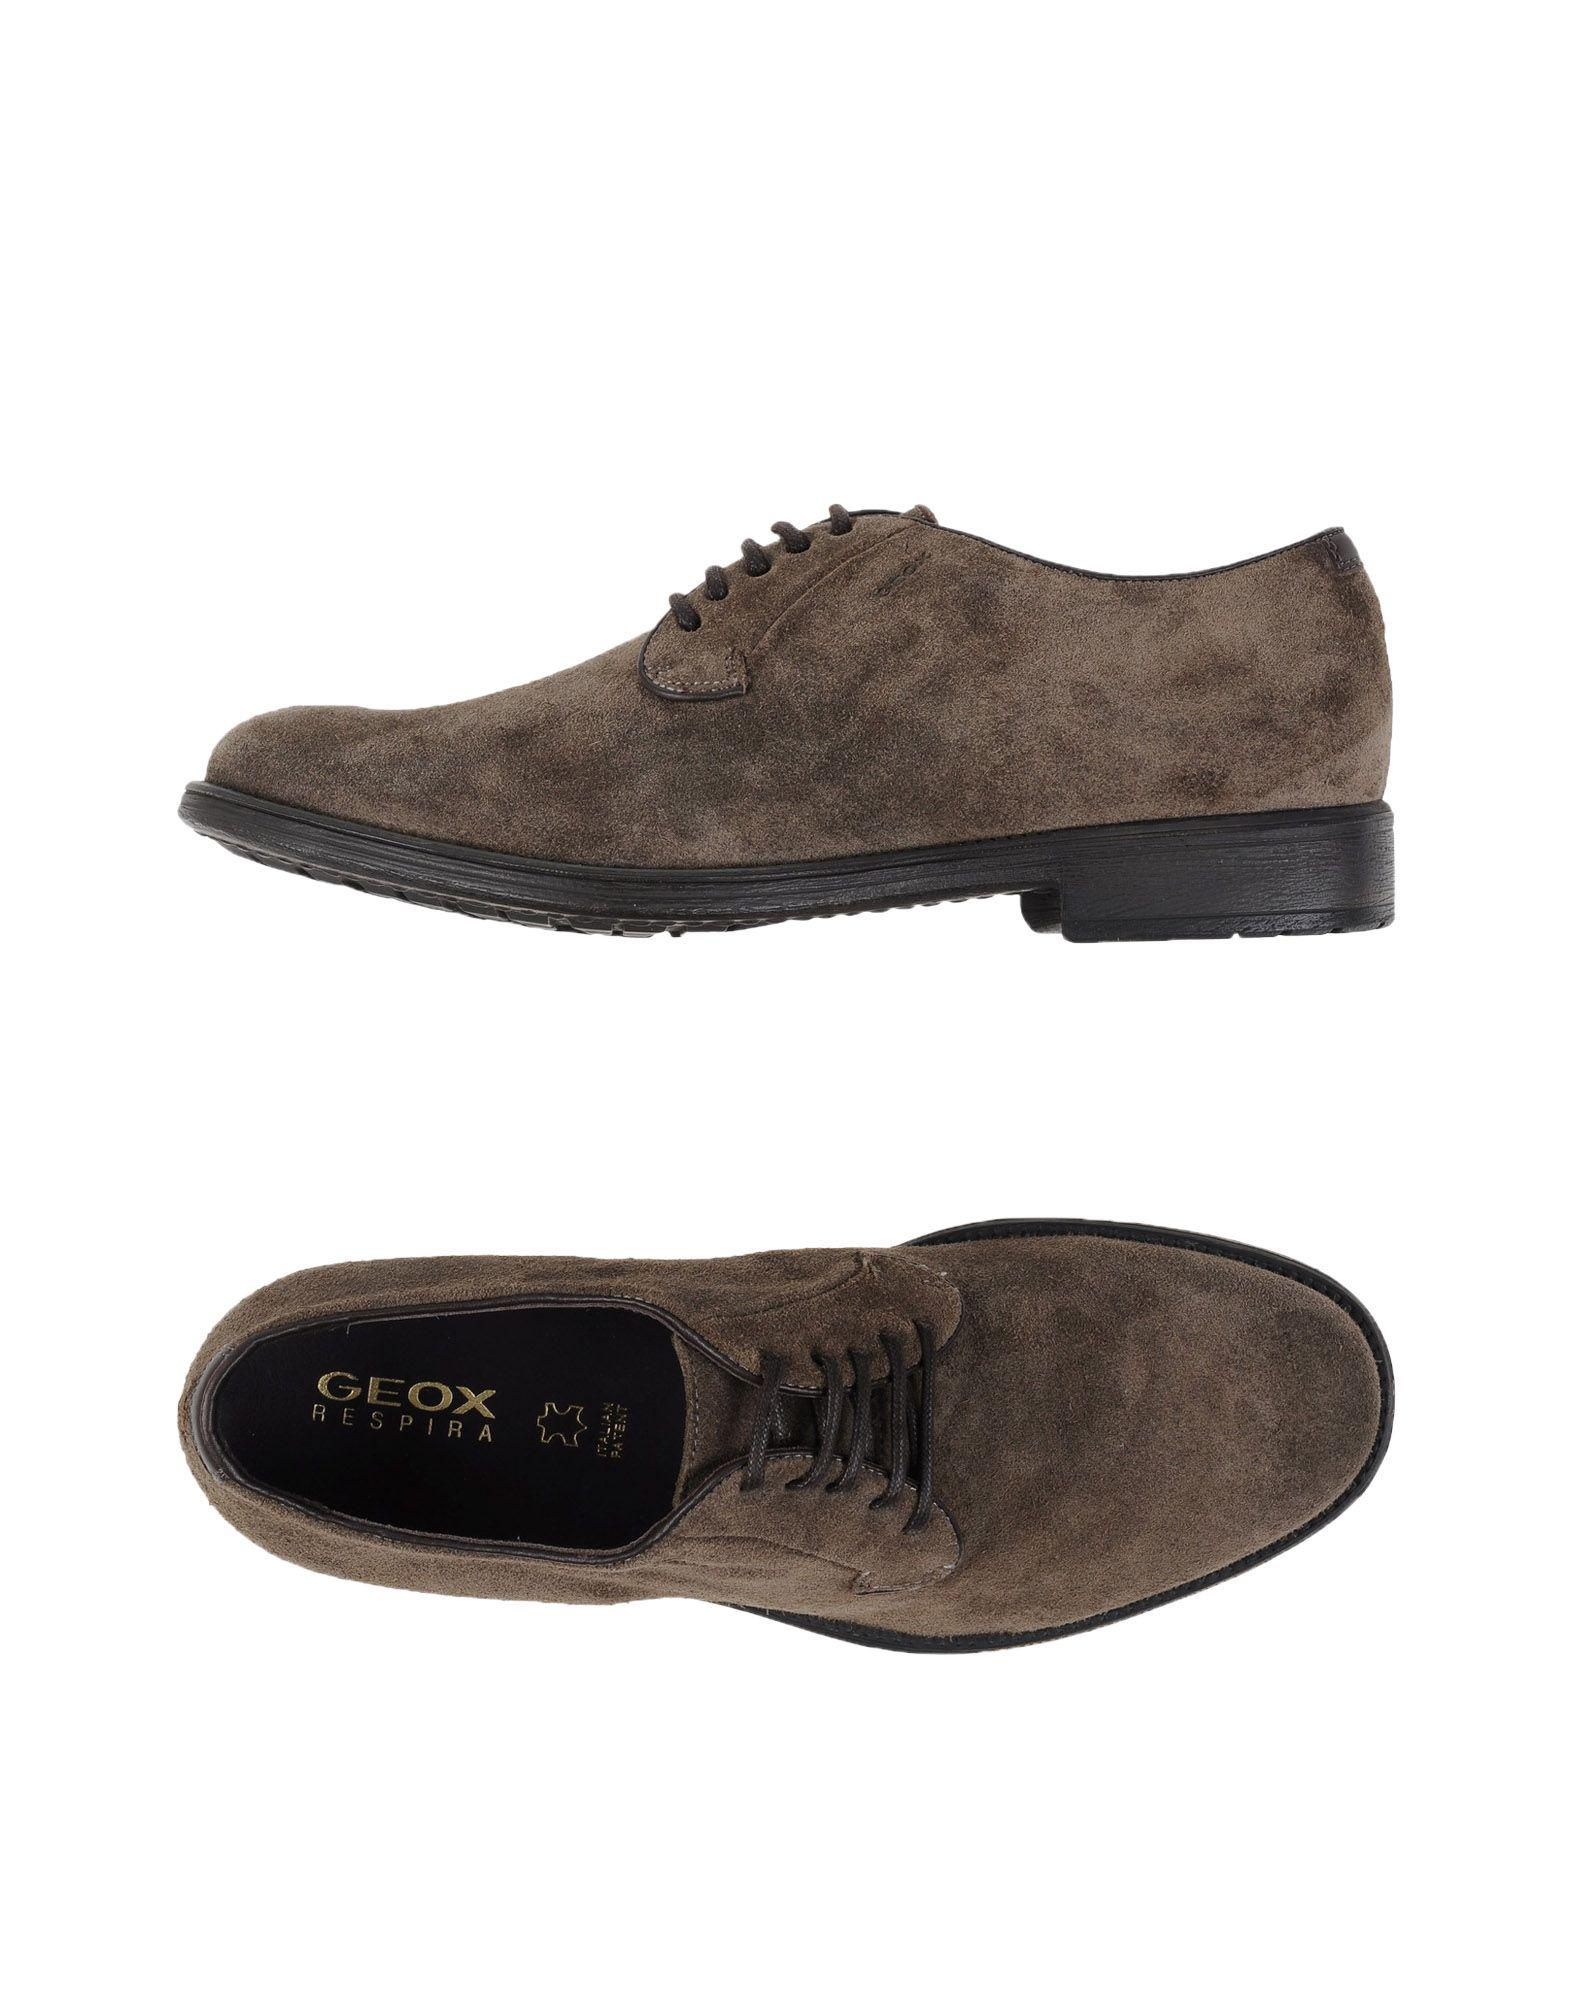 Geox Schnürschuhe Herren  11110414UO Gute Qualität beliebte Schuhe